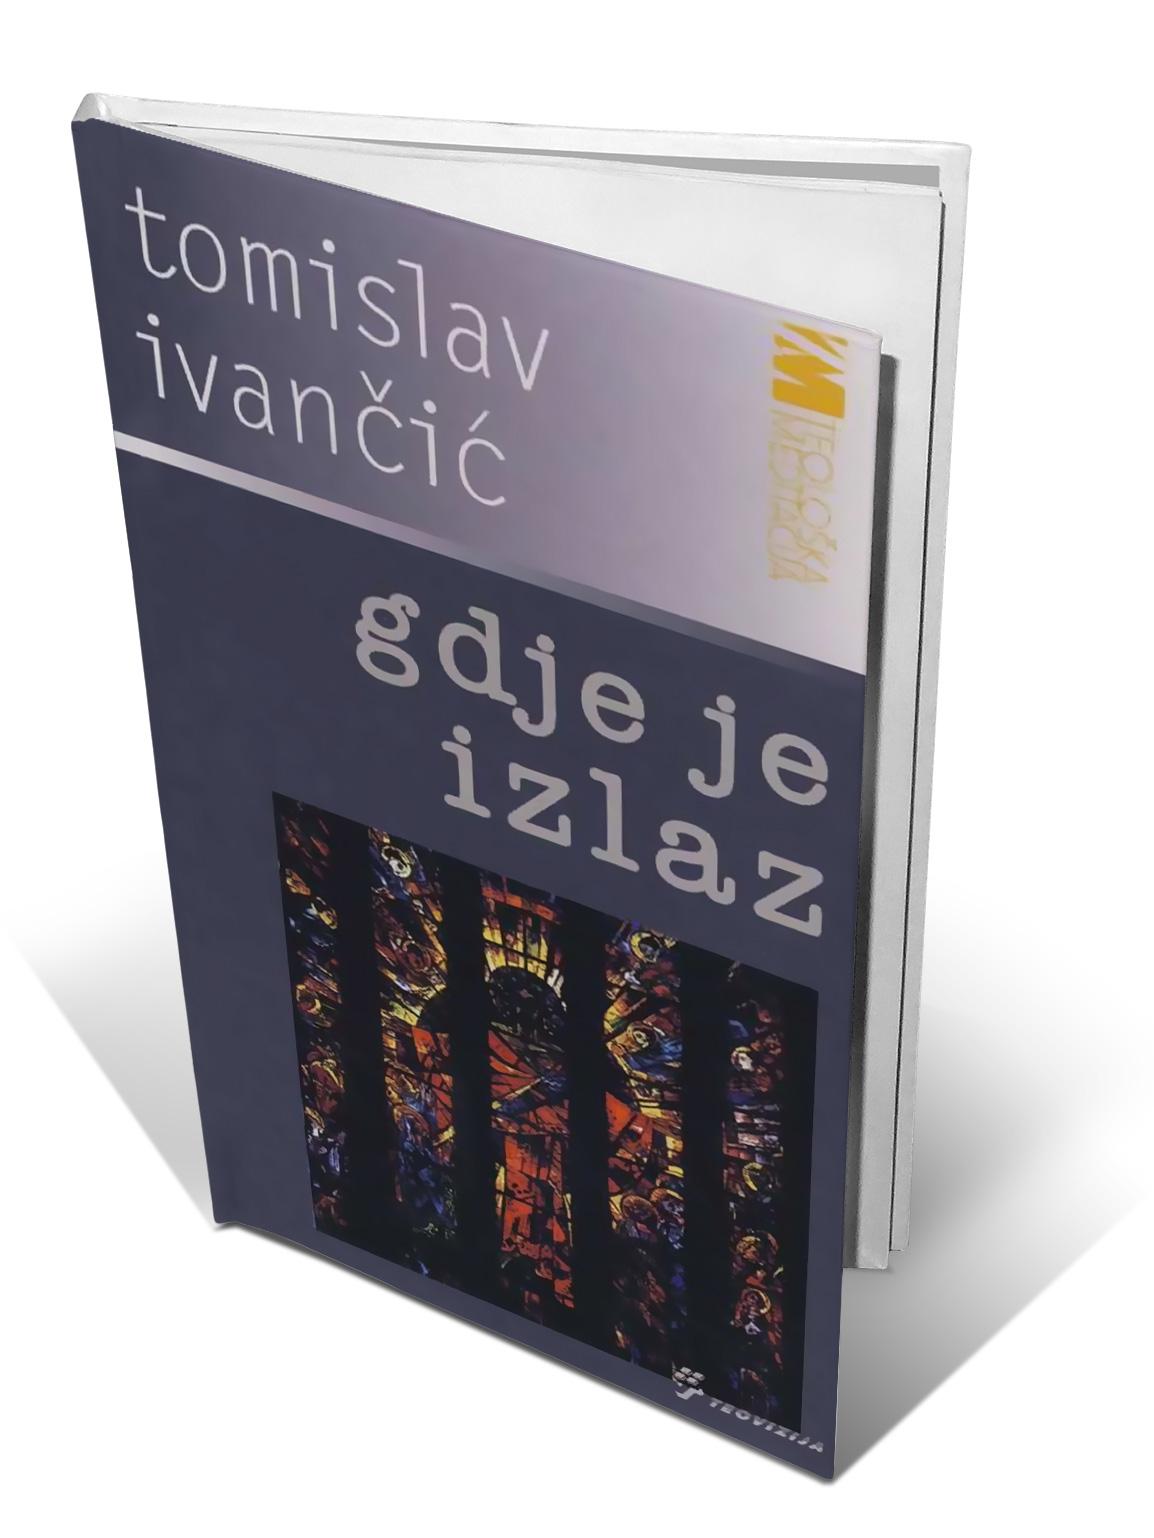 GDJE JE IZLAZ - Tomislav Ivančić